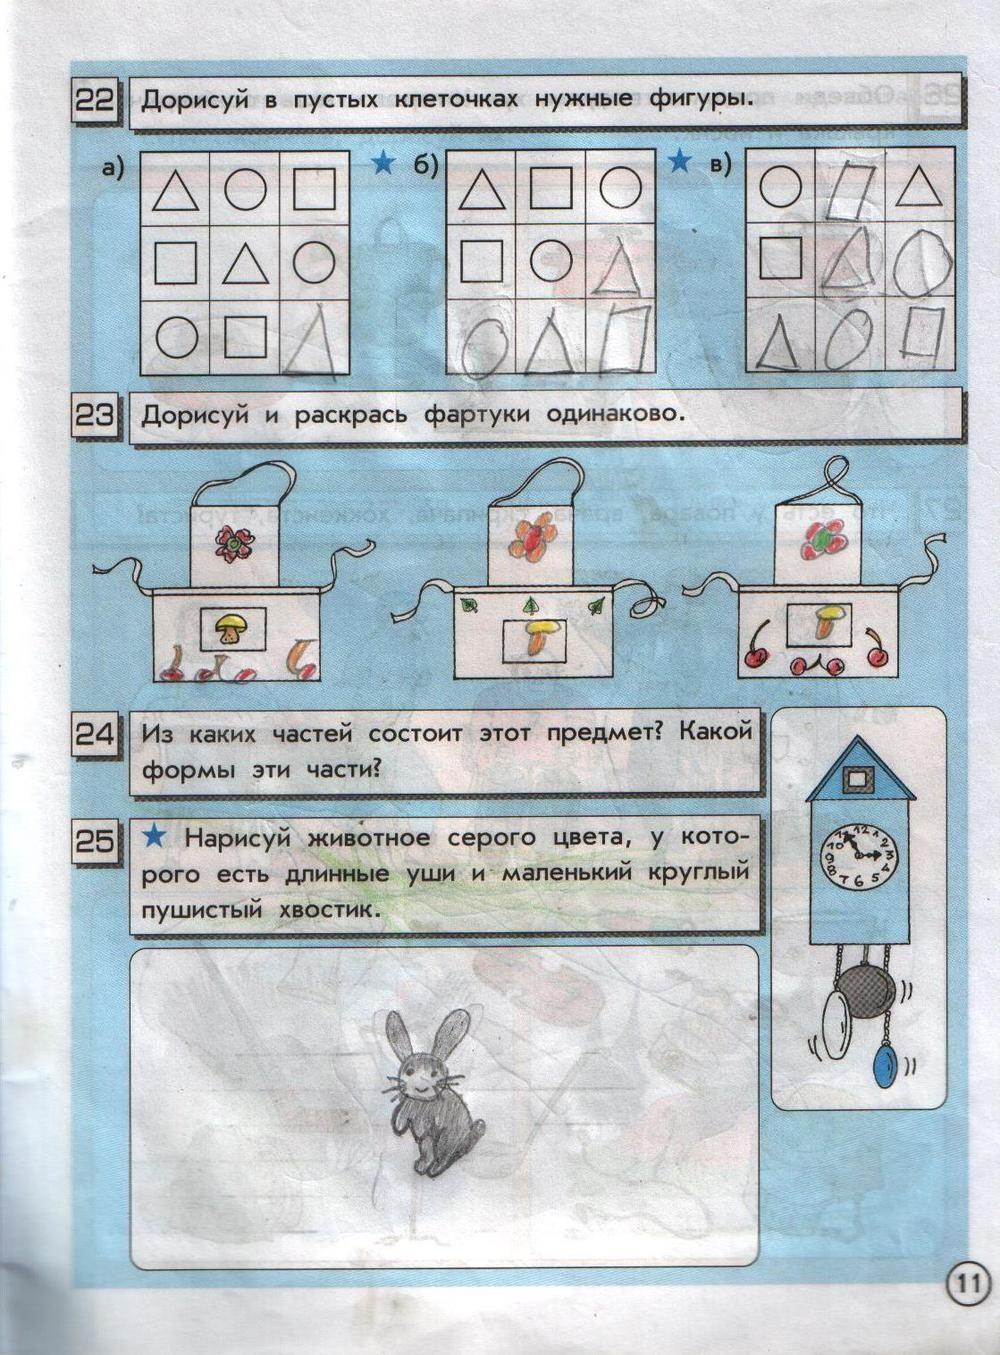 Гдз по информатике 2 класс горячев горина 1 часть рабочая тетрадь ответы